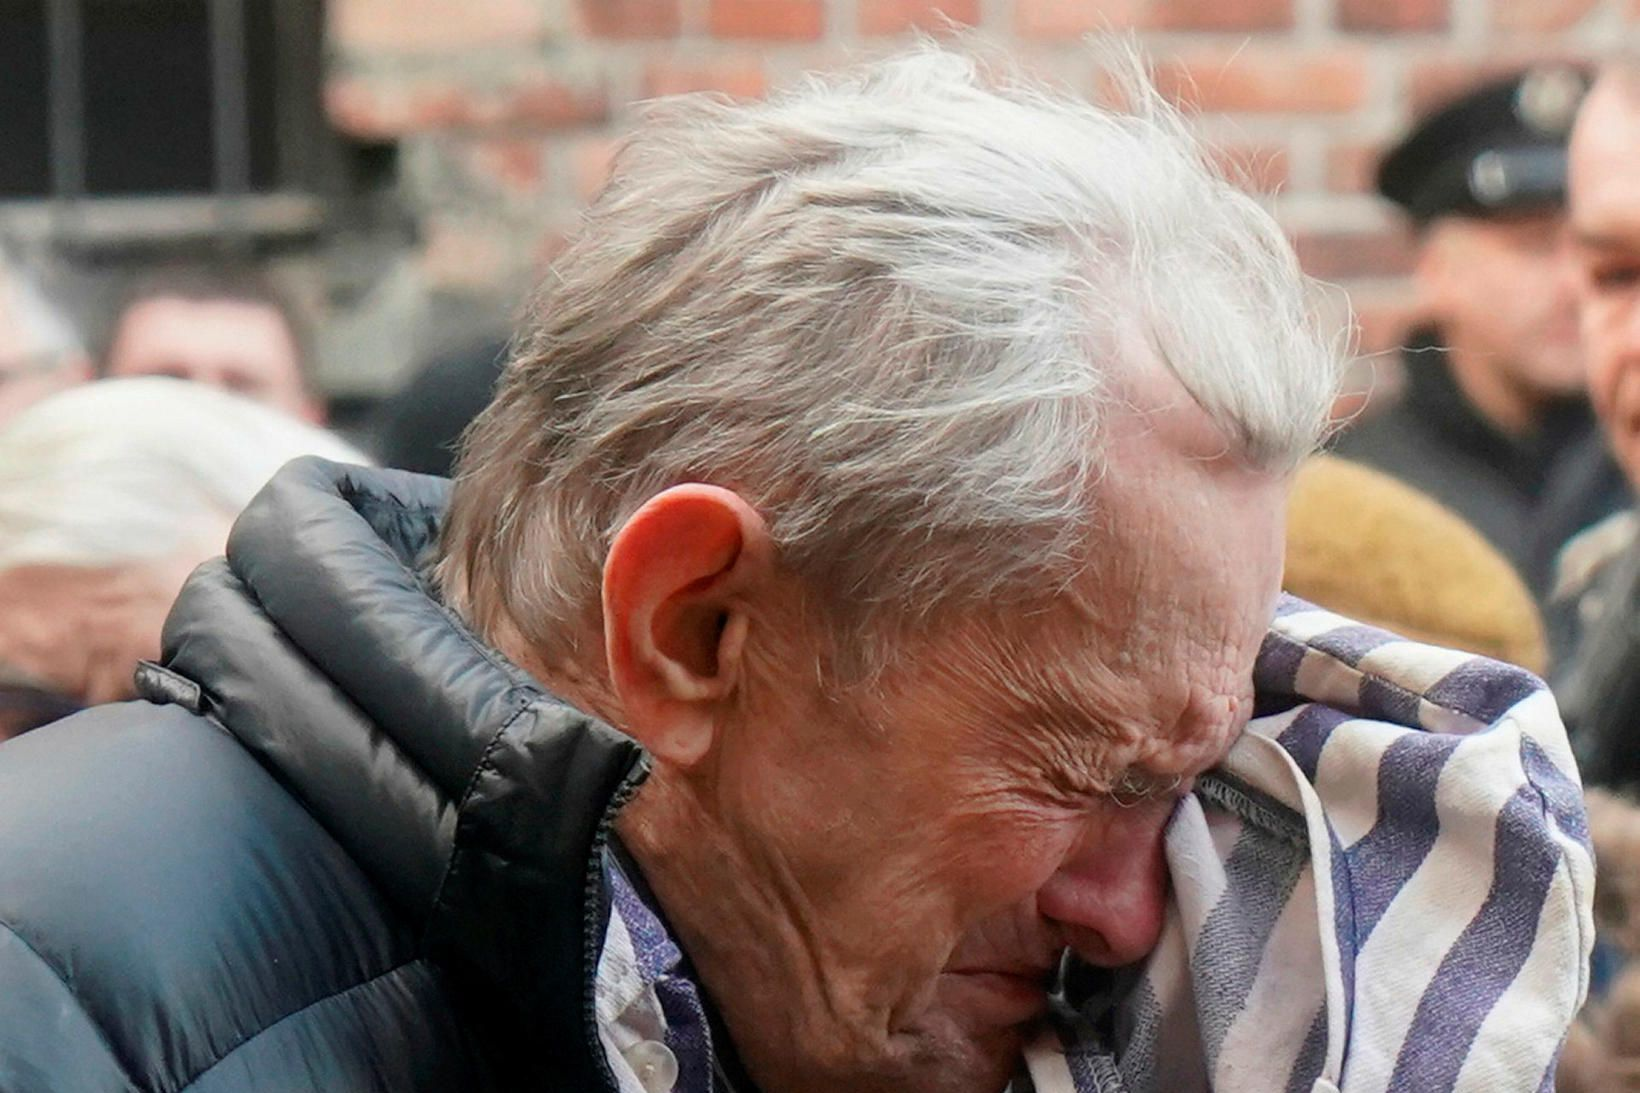 Eftirlifendur helfararinnar komu saman í Auschwitz í dag.